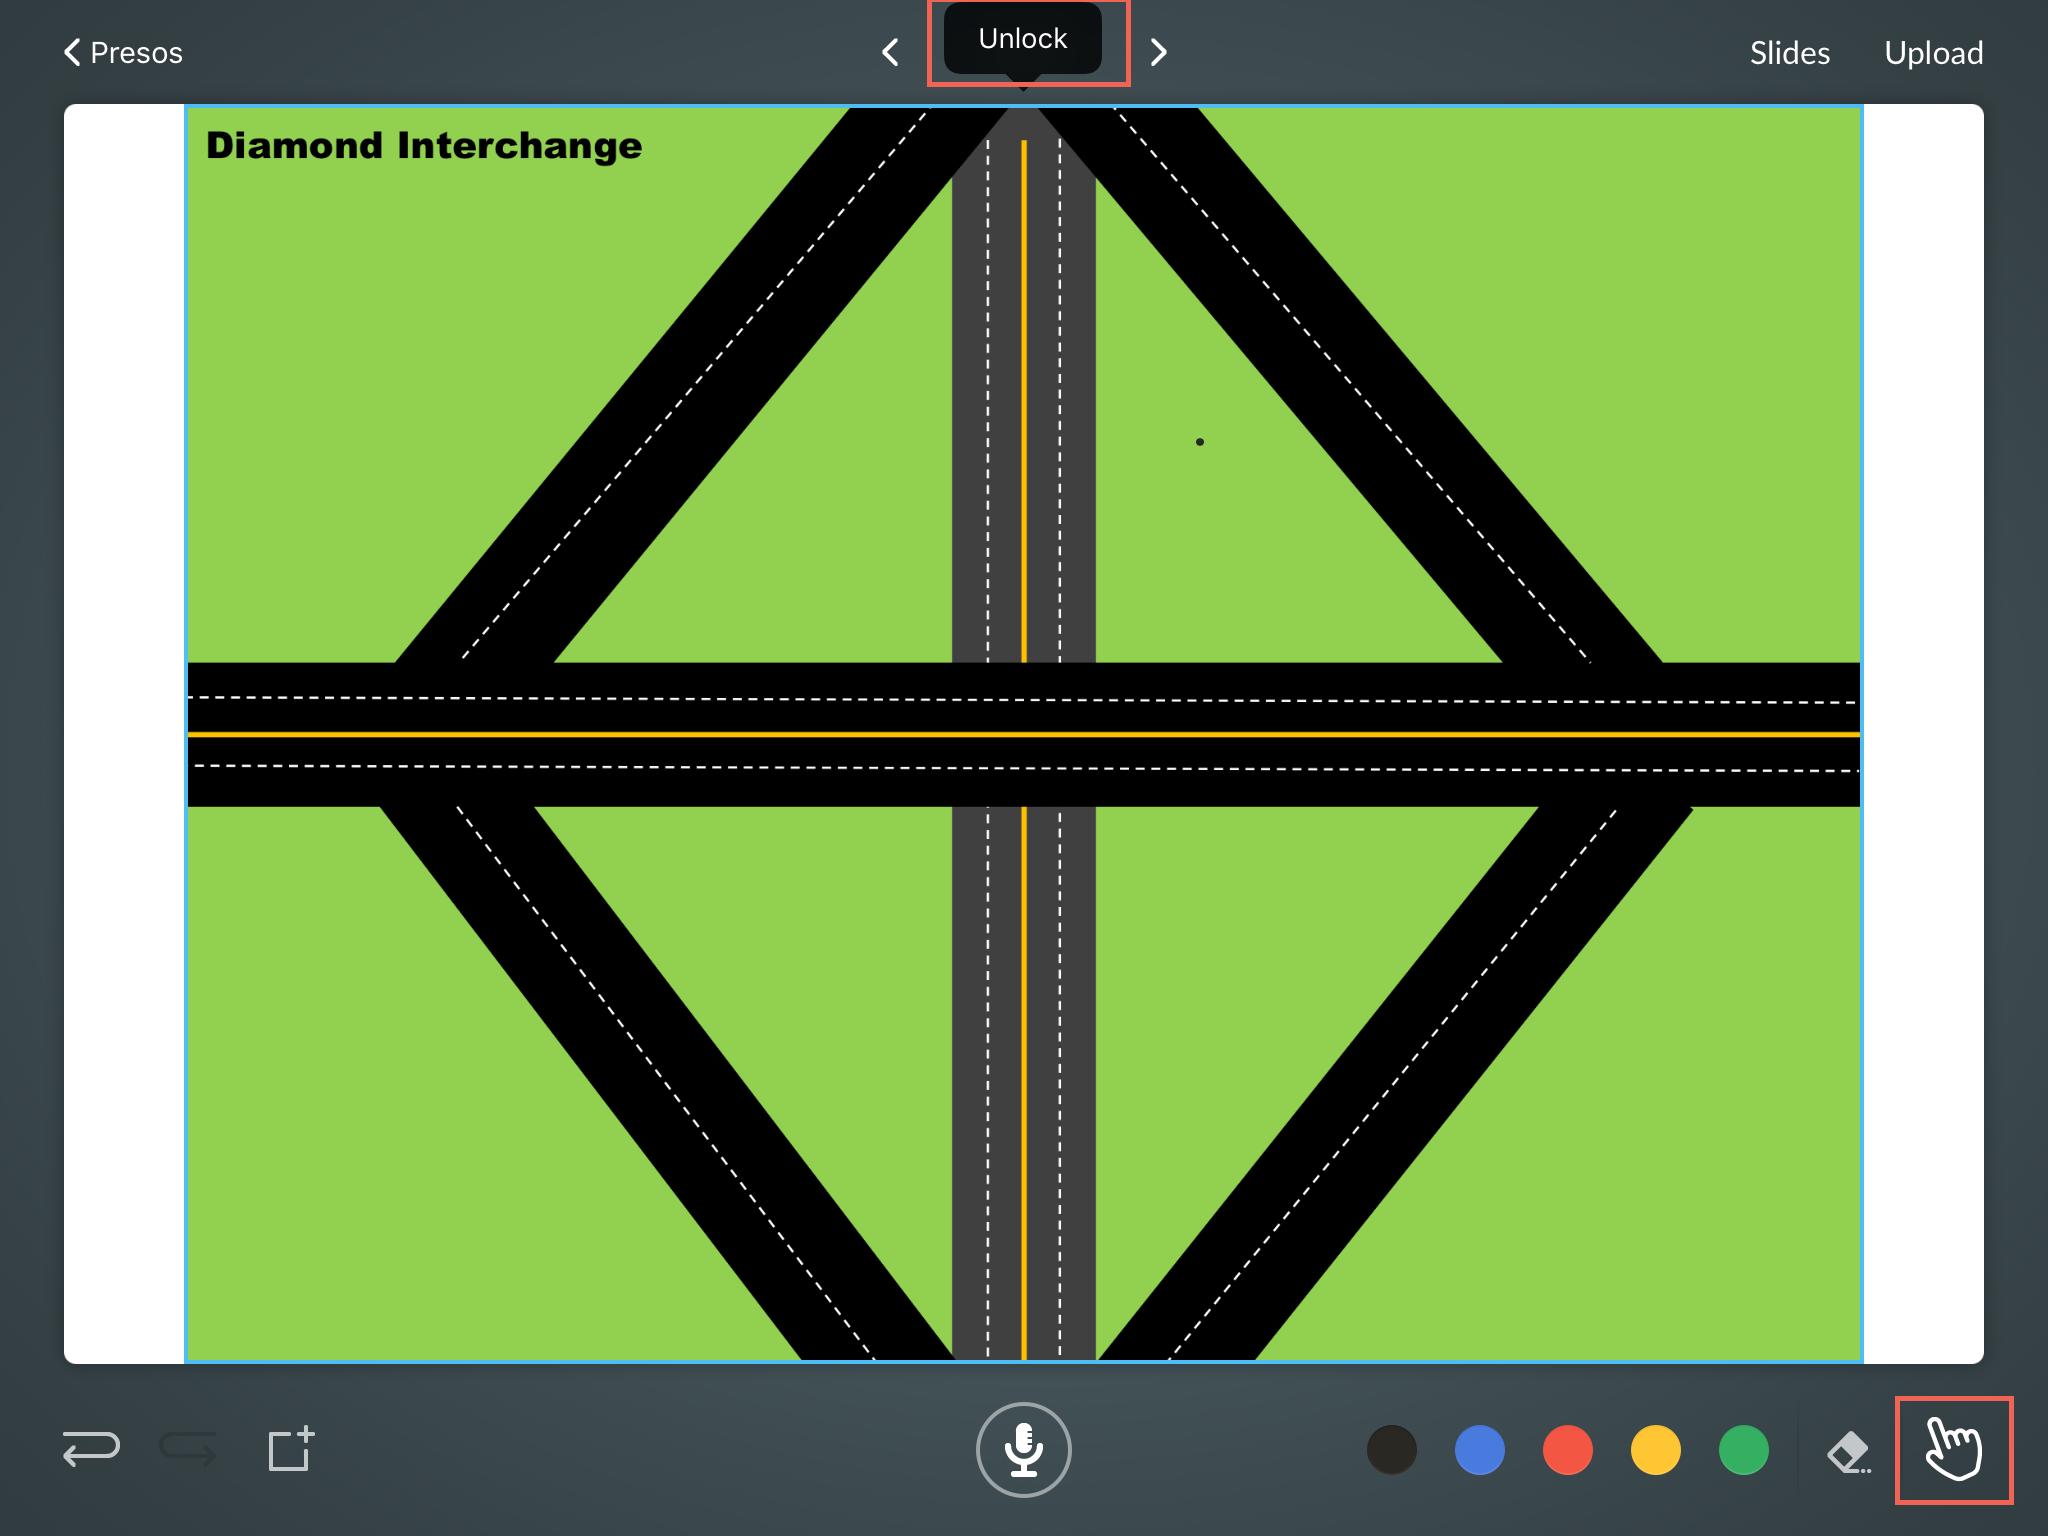 Step 4a: Adjusting slide image